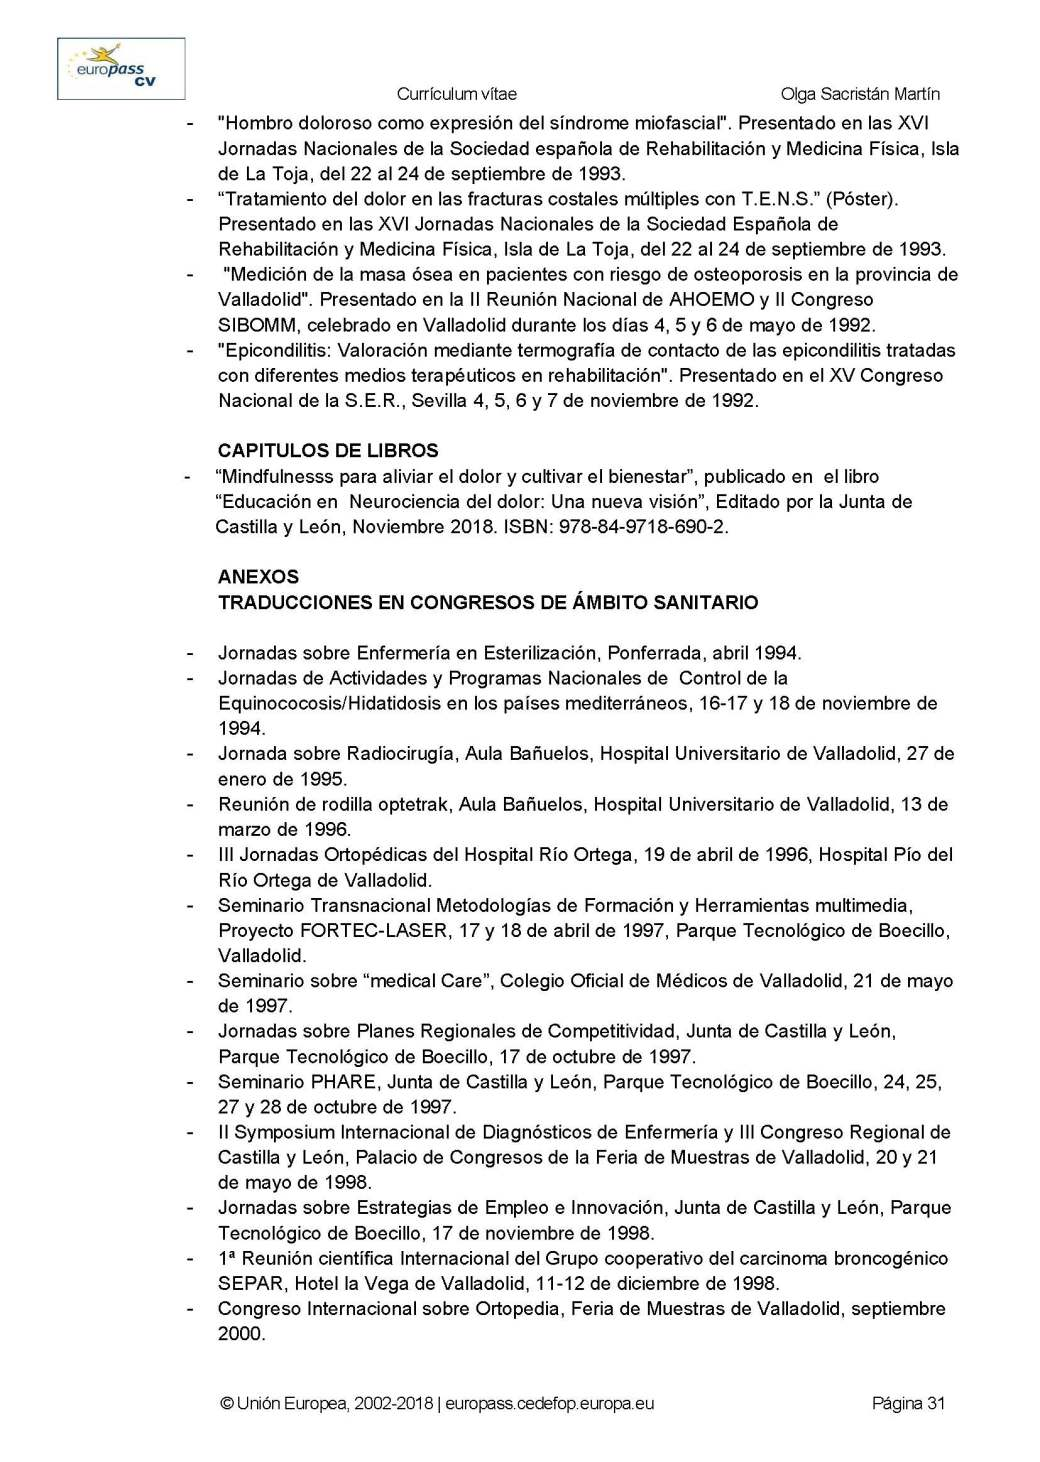 CURRICULUM EUROPASS DRA. OLGA SACRISTAN 2020_Página_31